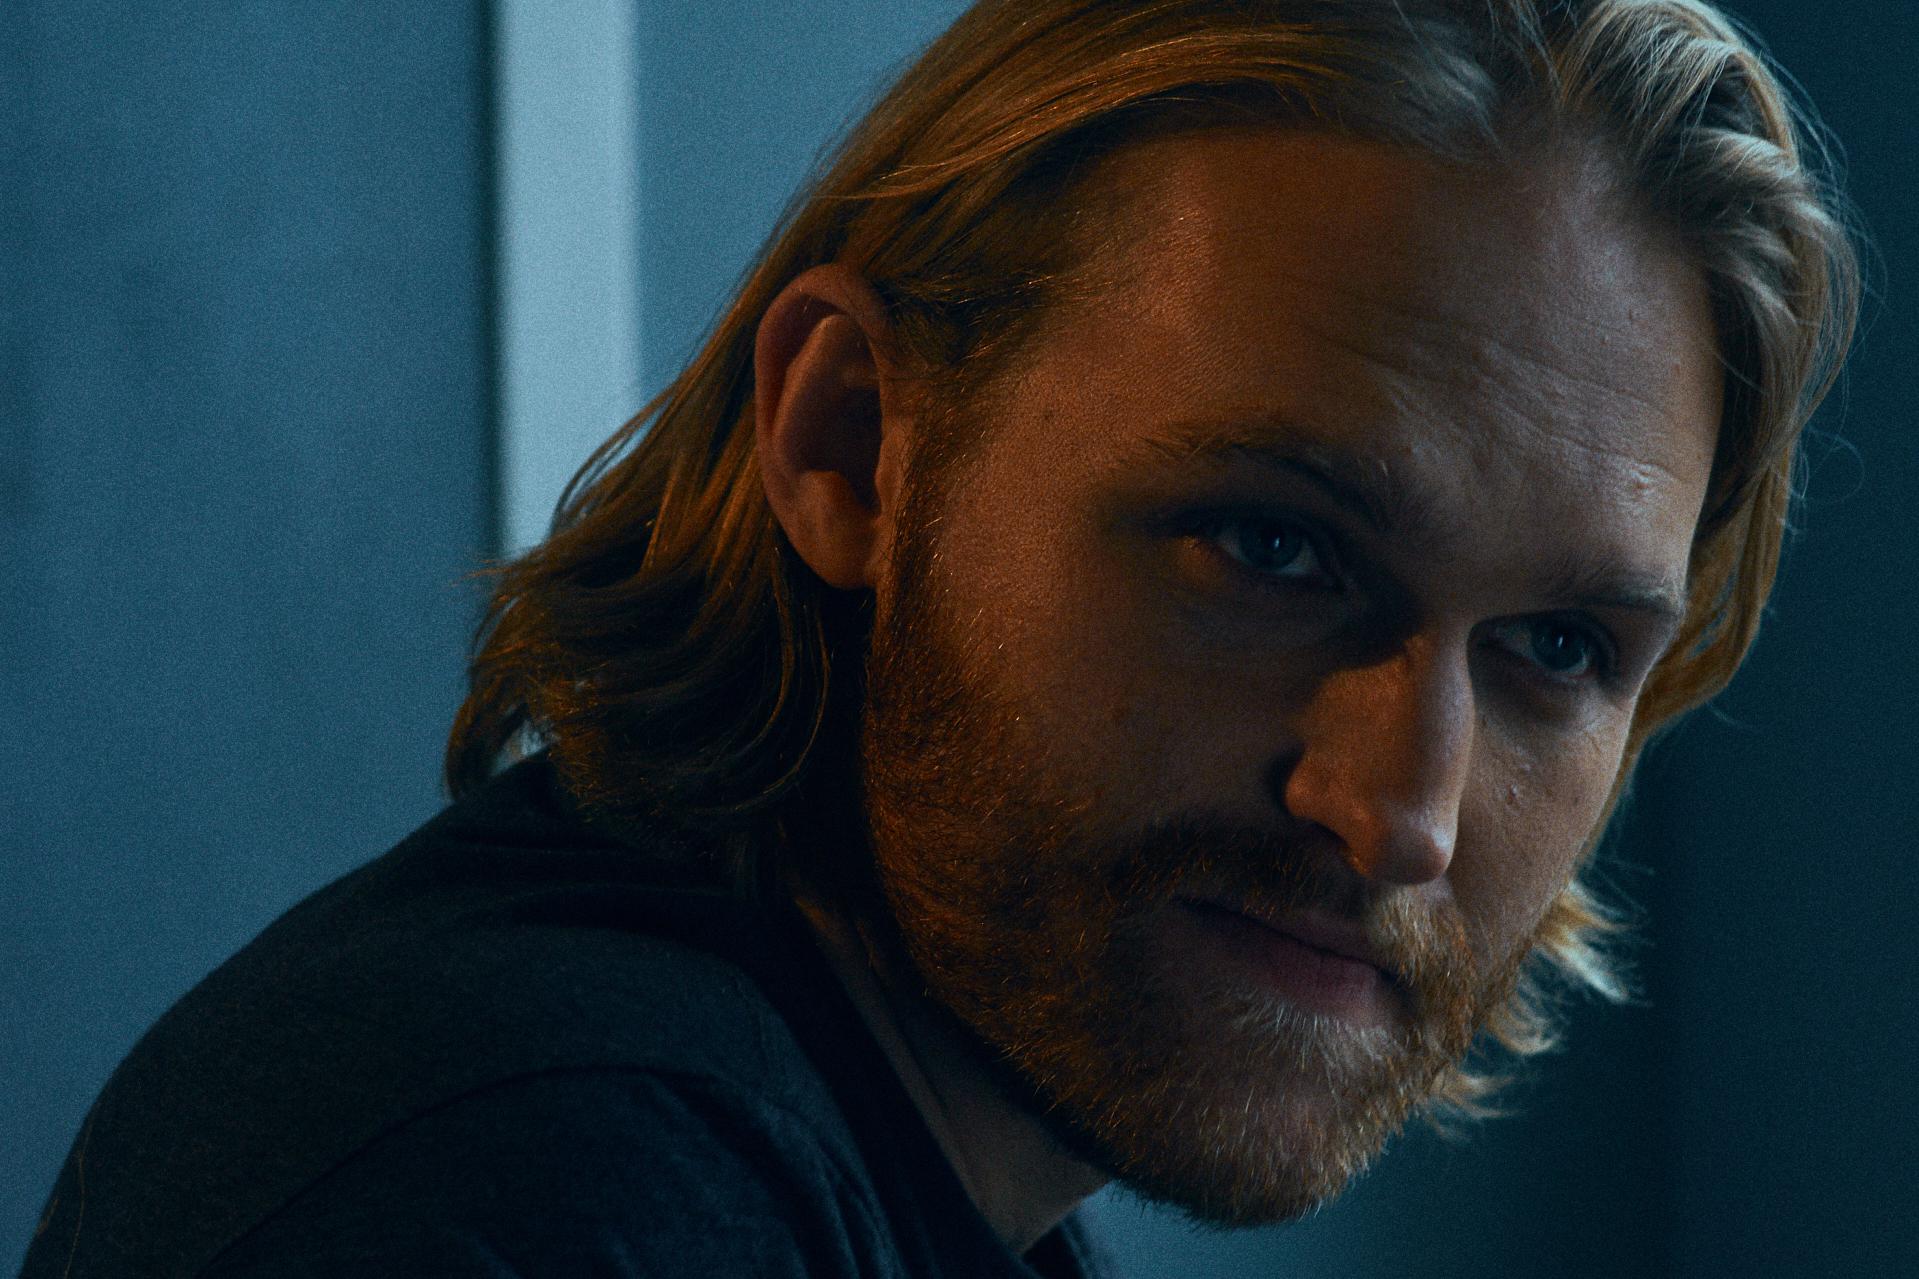 wyatt russell hot actor